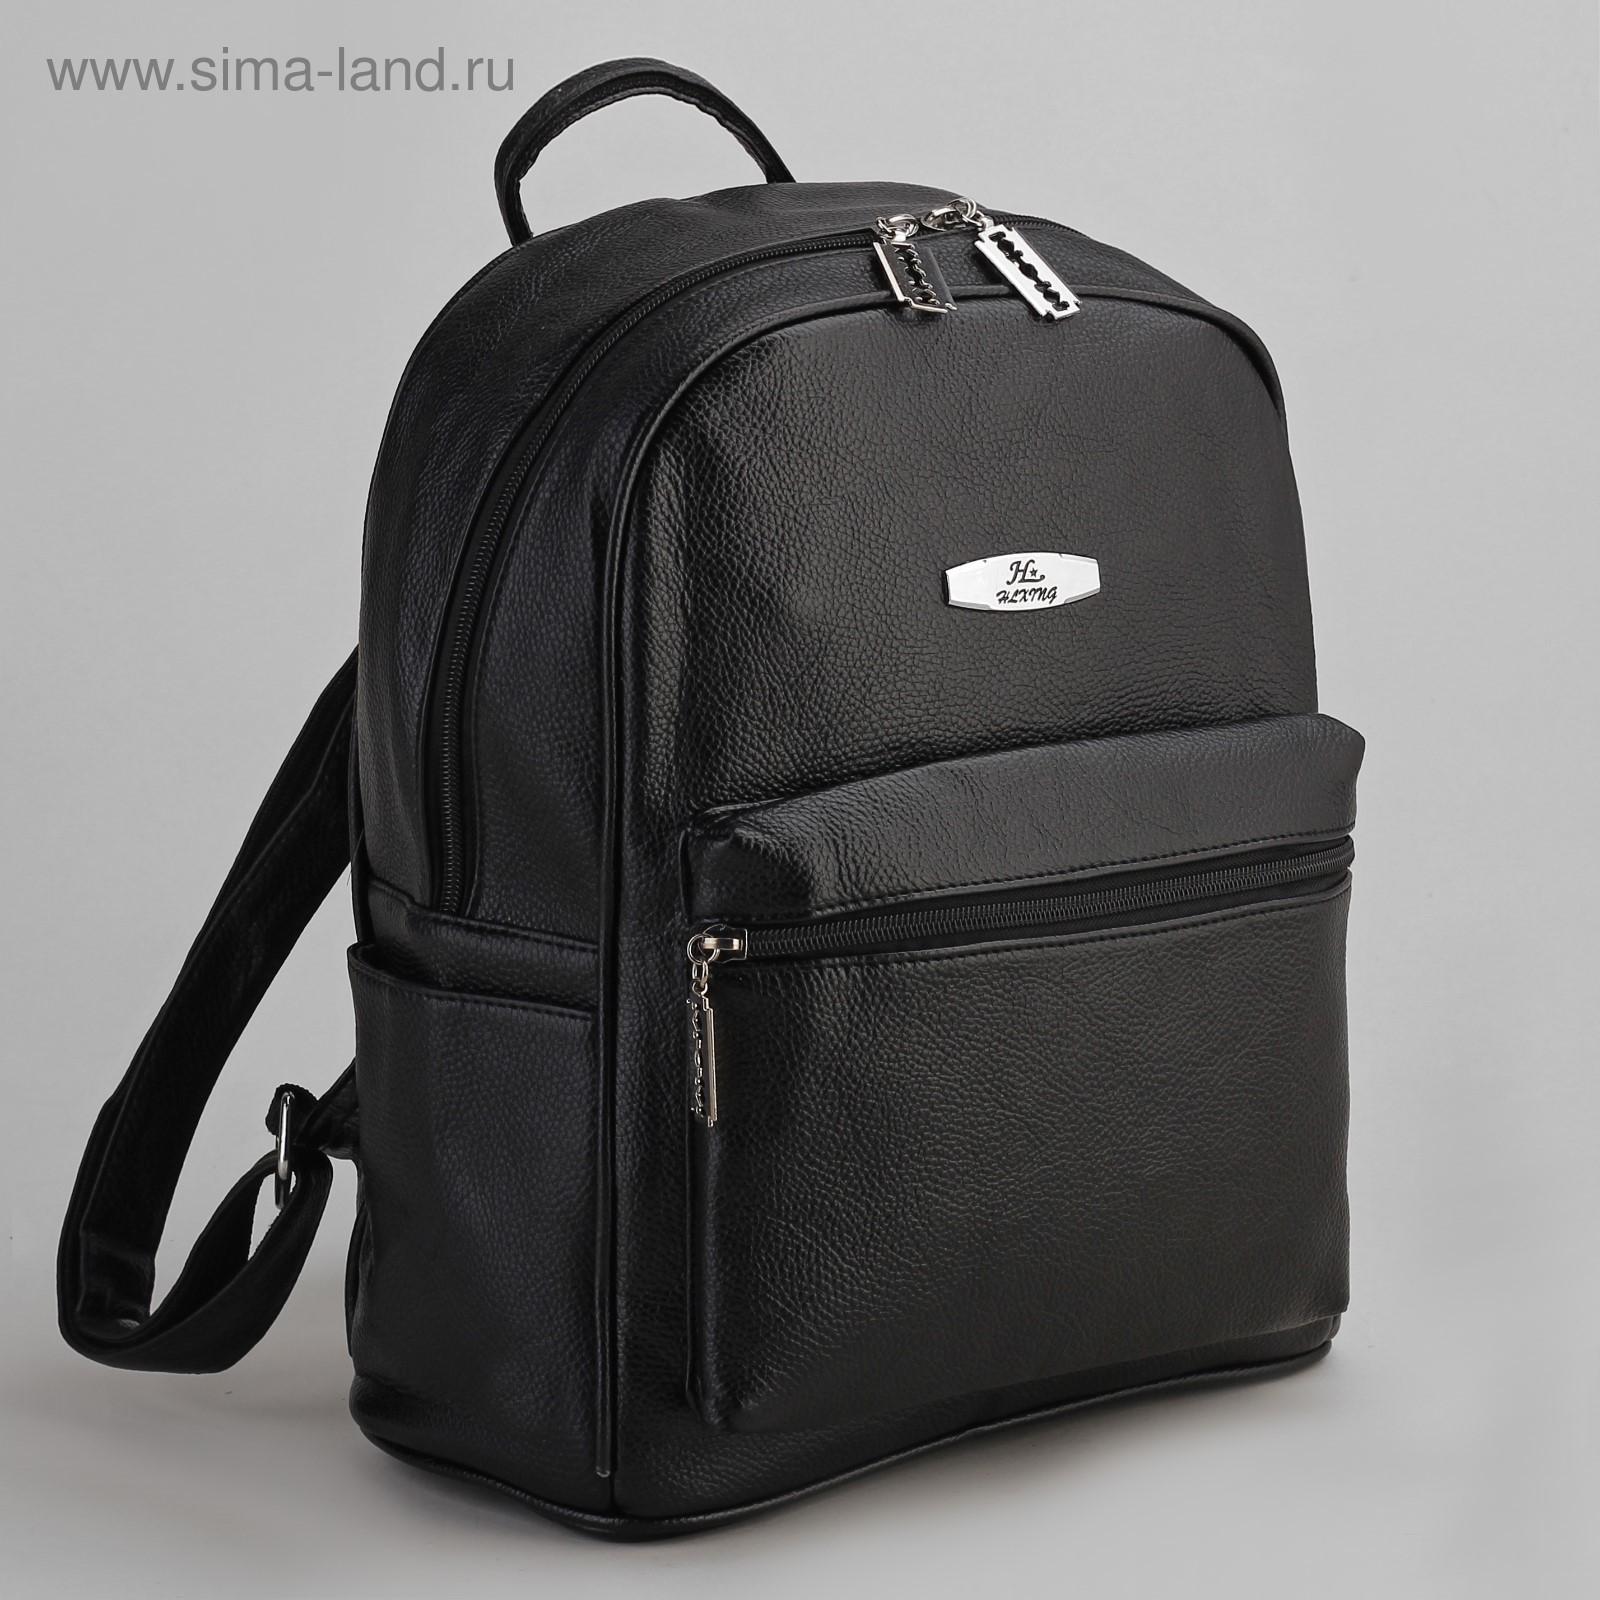 0ad8e856cd2f Рюкзак молодёжный, отдел на молнии, 3 наружных кармана, цвет чёрный ...